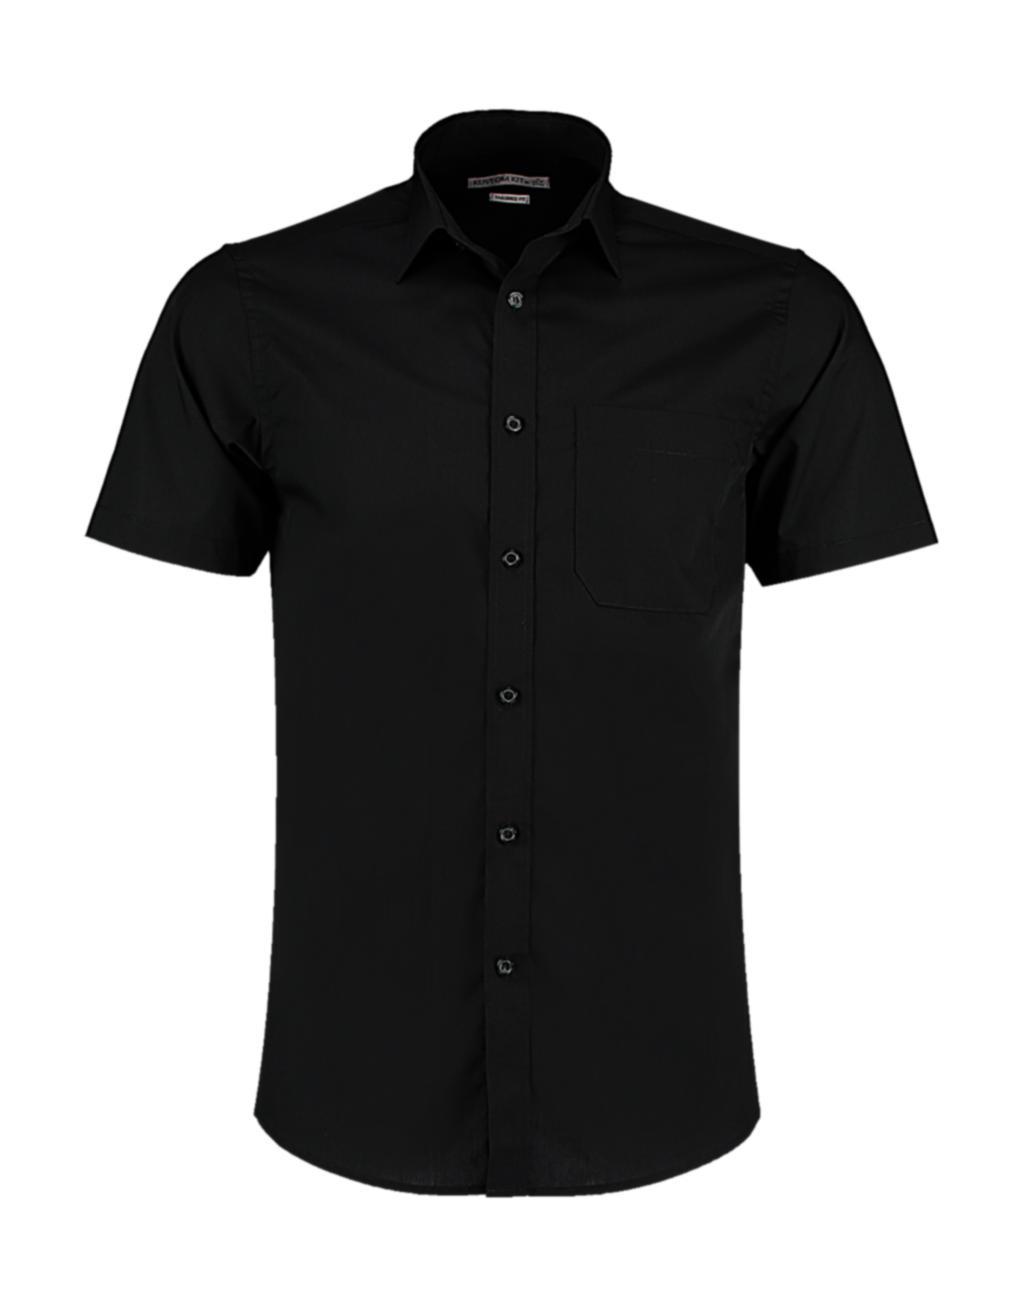 Košile Poplin Tailored fit s kr. ruk. - zvìtšit obrázek